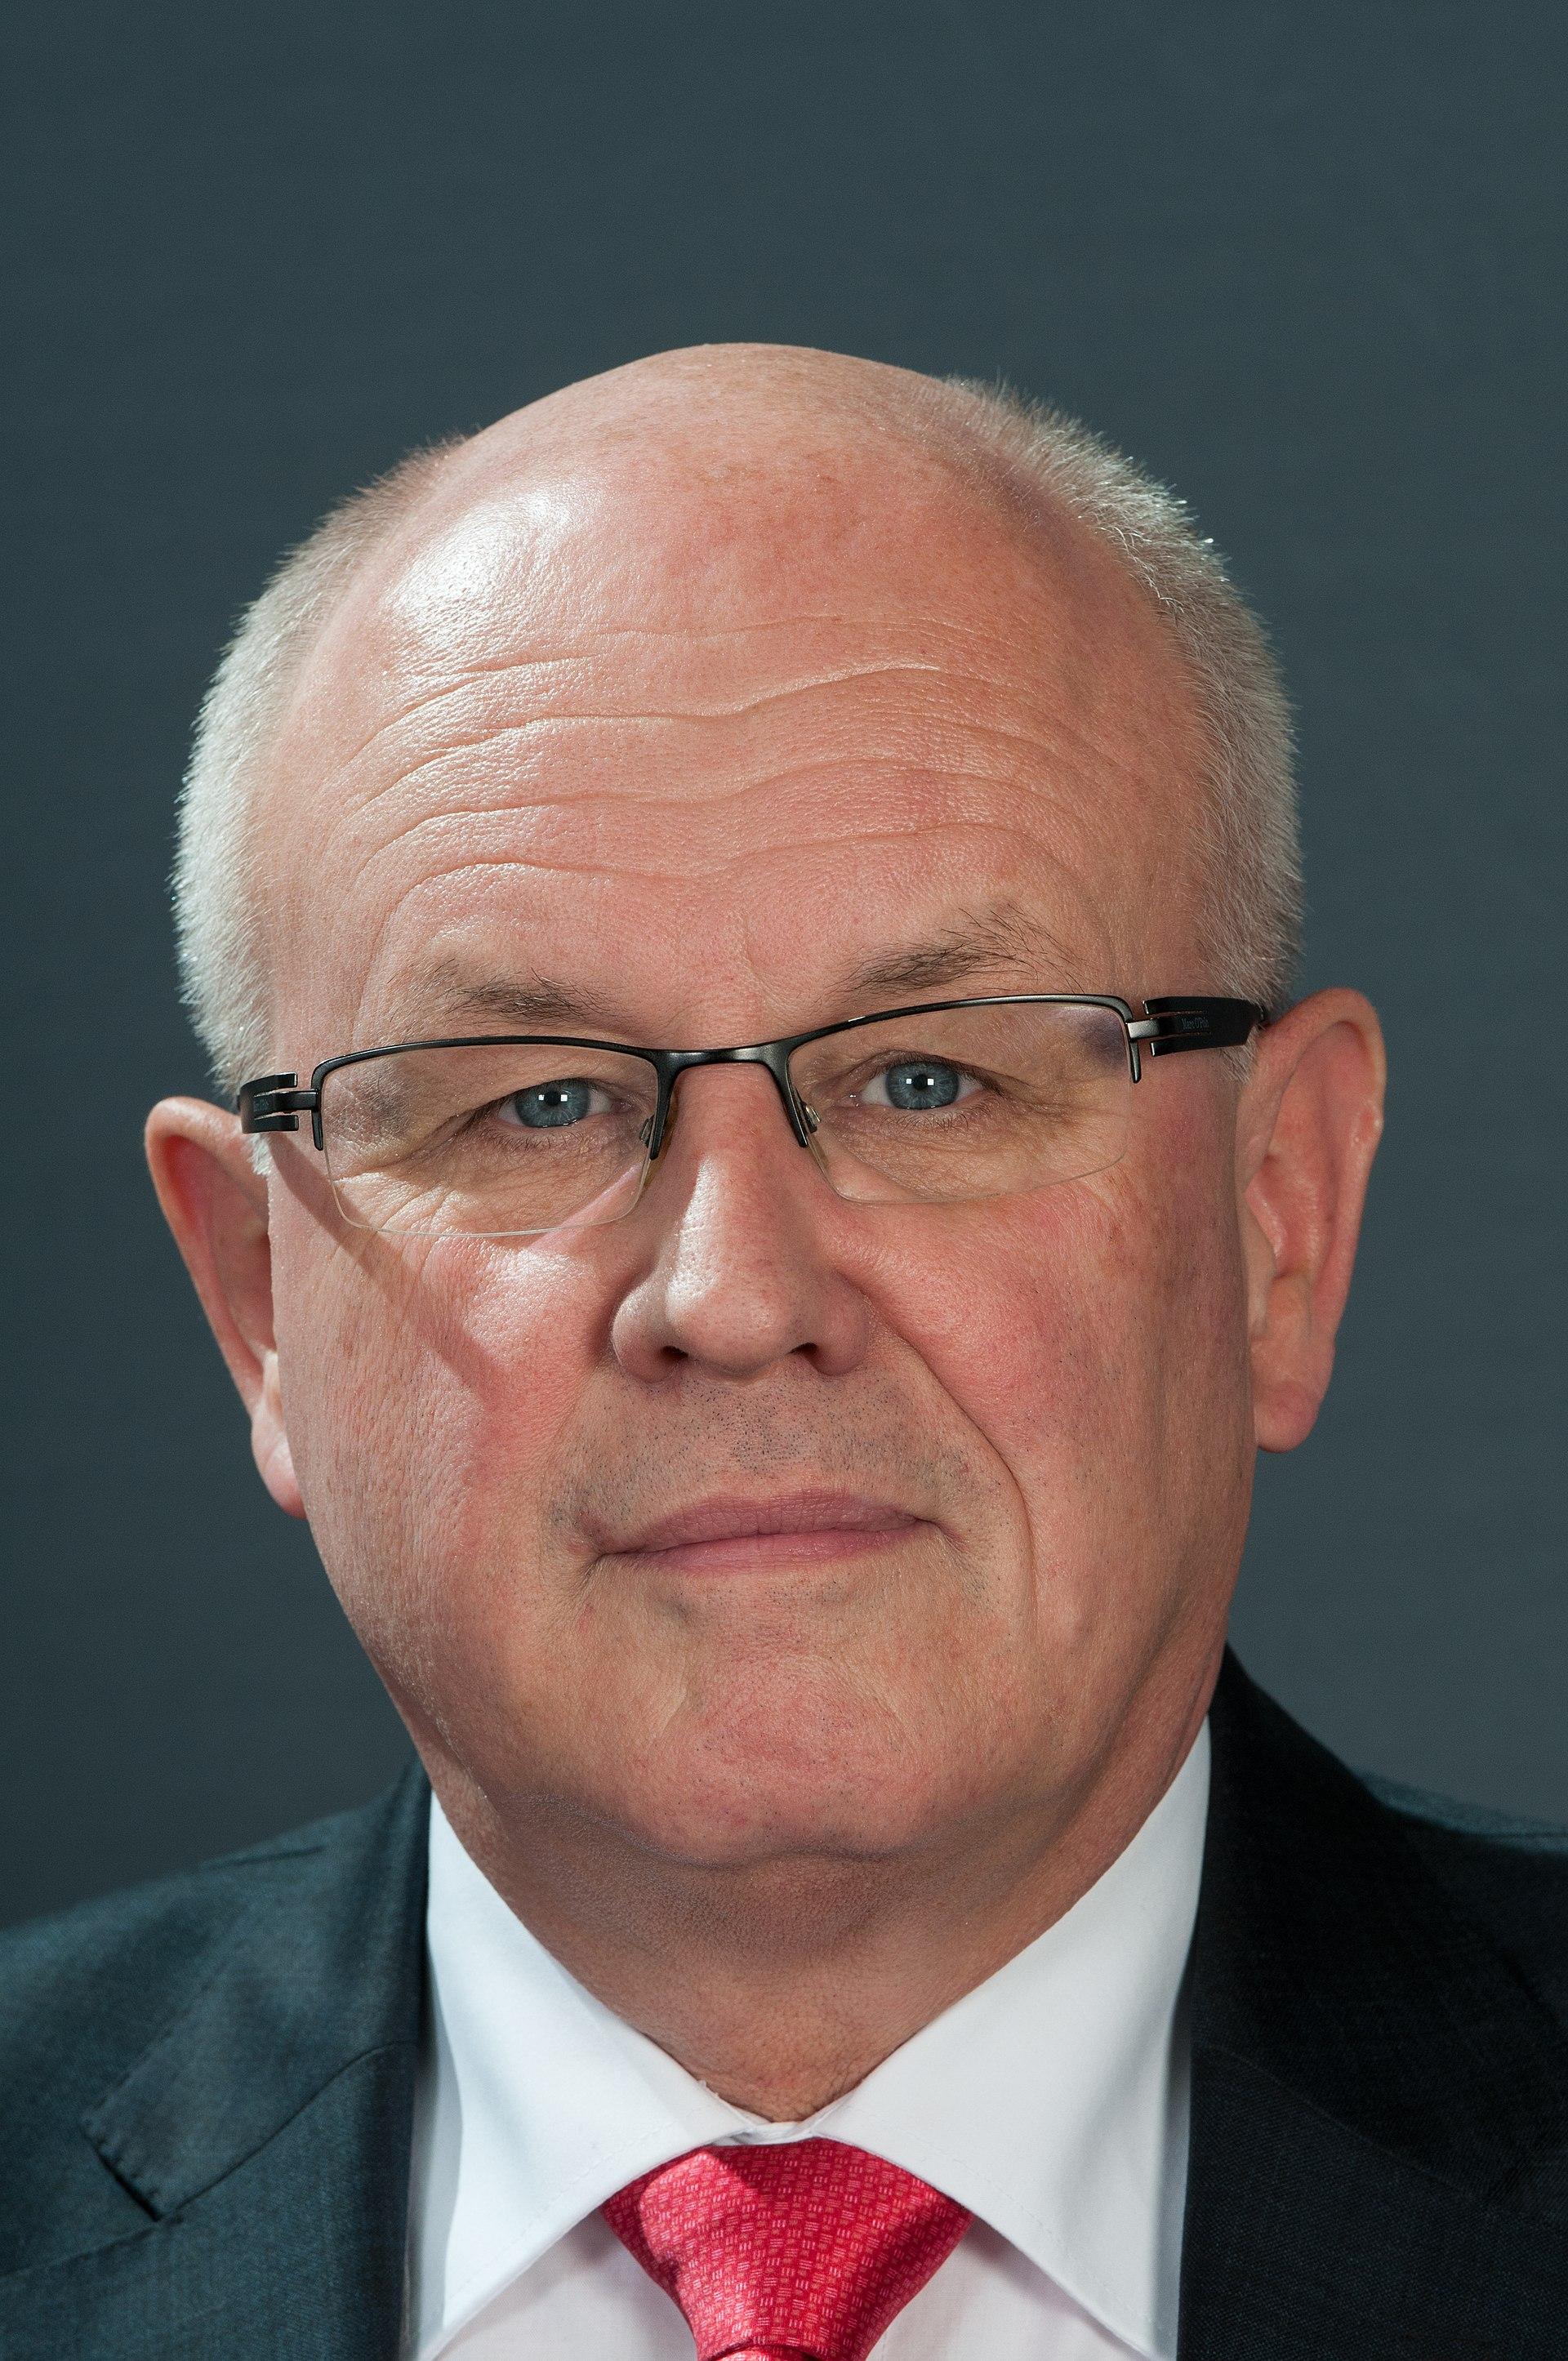 Volker Kauder Krank